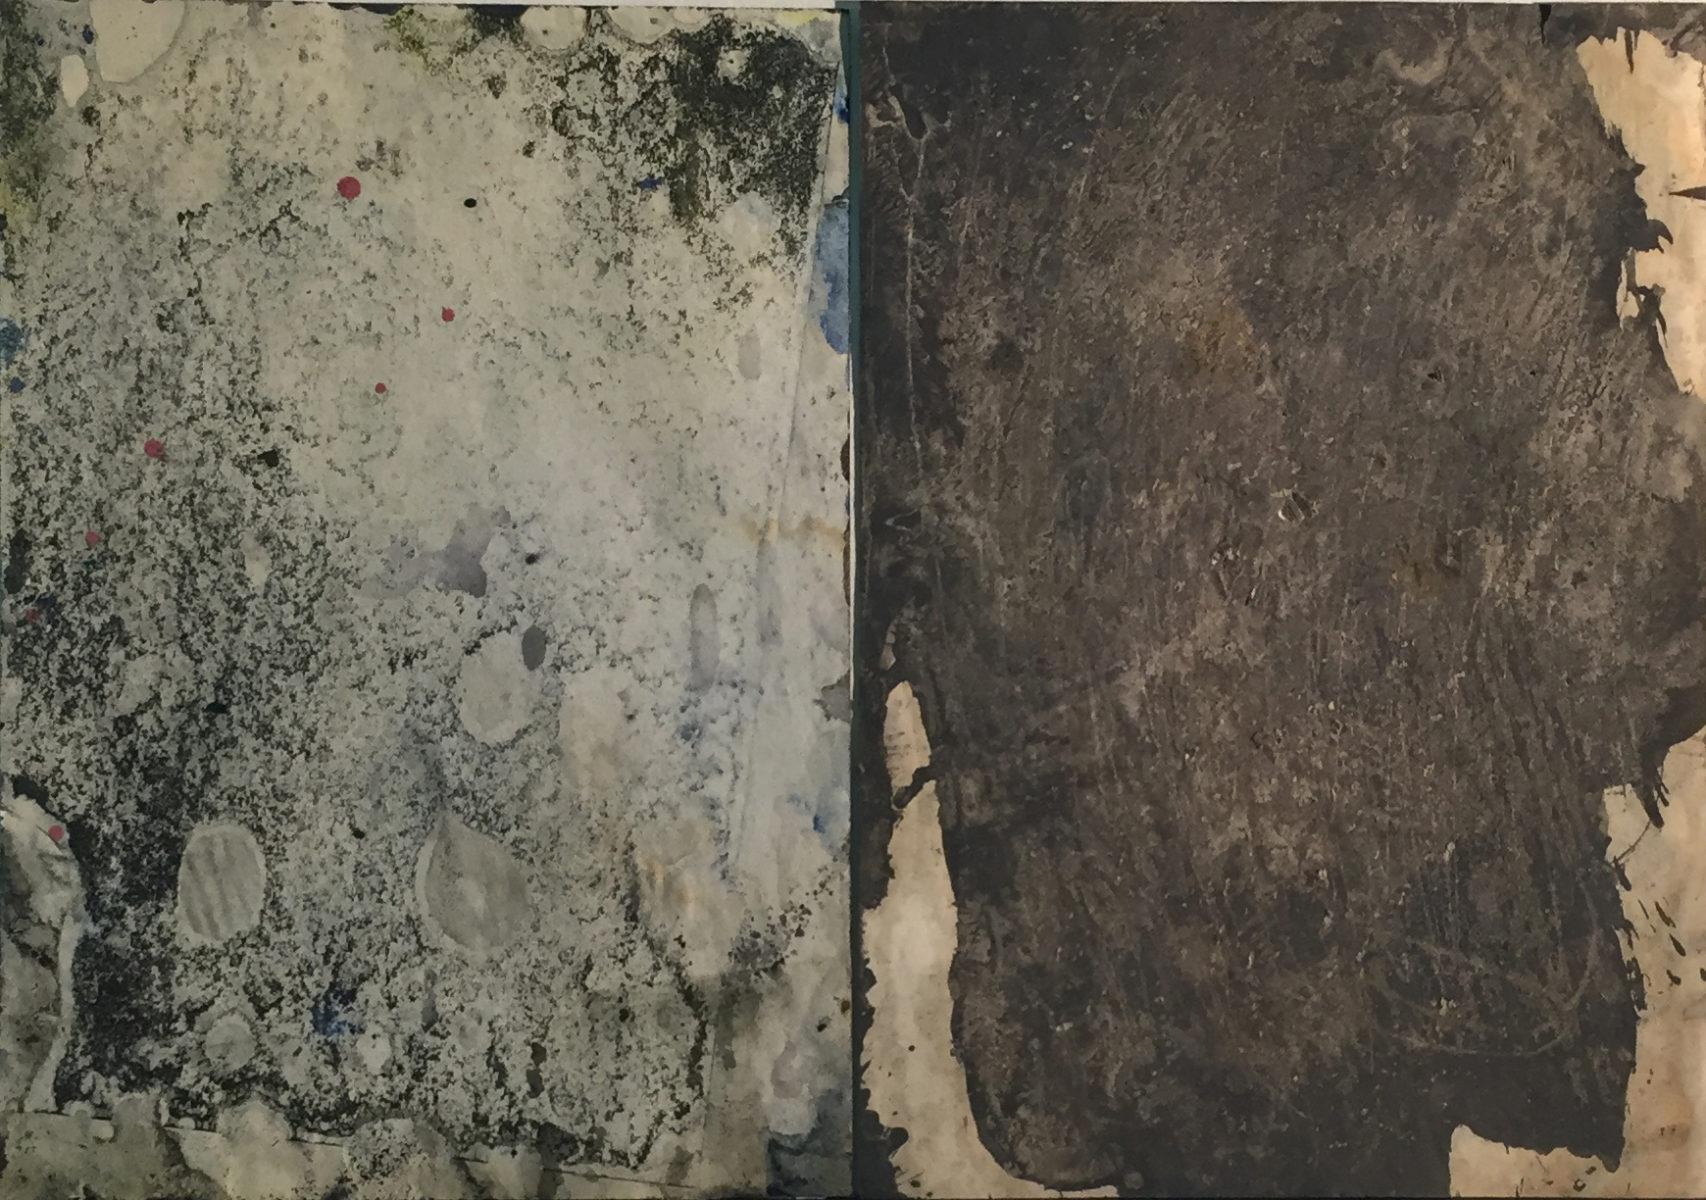 MARC FELD 2010 PRÉSENCE Huile sur papier 42 x 29,7 cm